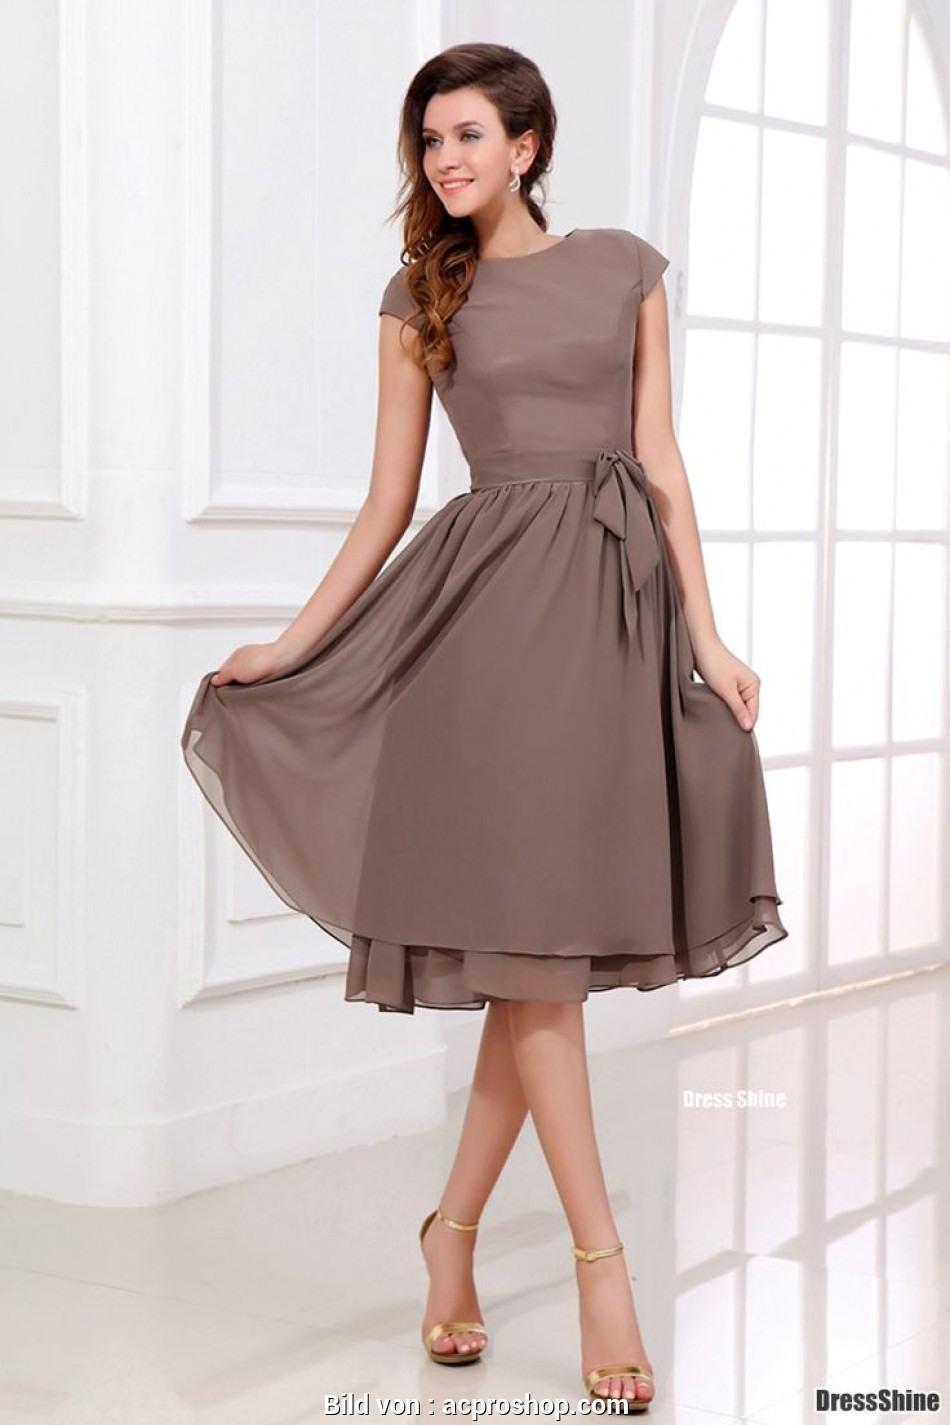 Beeindruckend Festliche Kleider, Hochzeit Günstig - Munidwyn